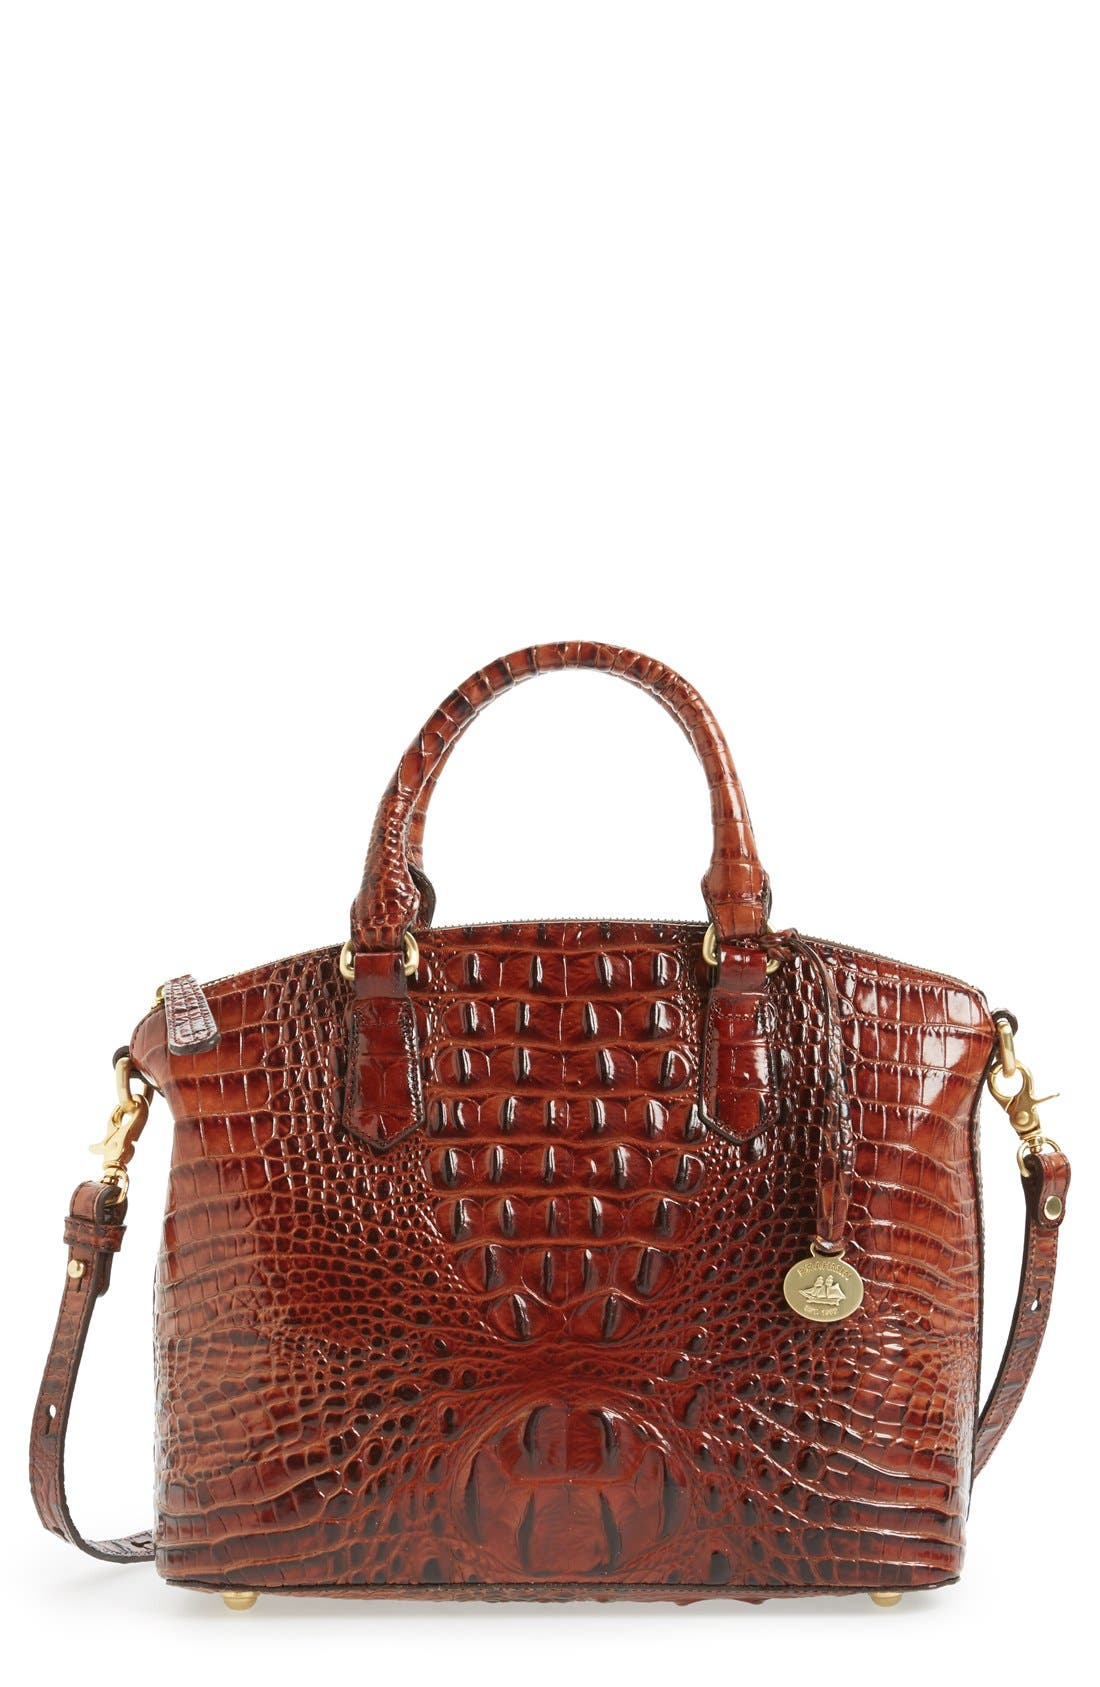 Main Image - Brahmin 'Medium Duxbury' Croc Embossed Leather Satchel